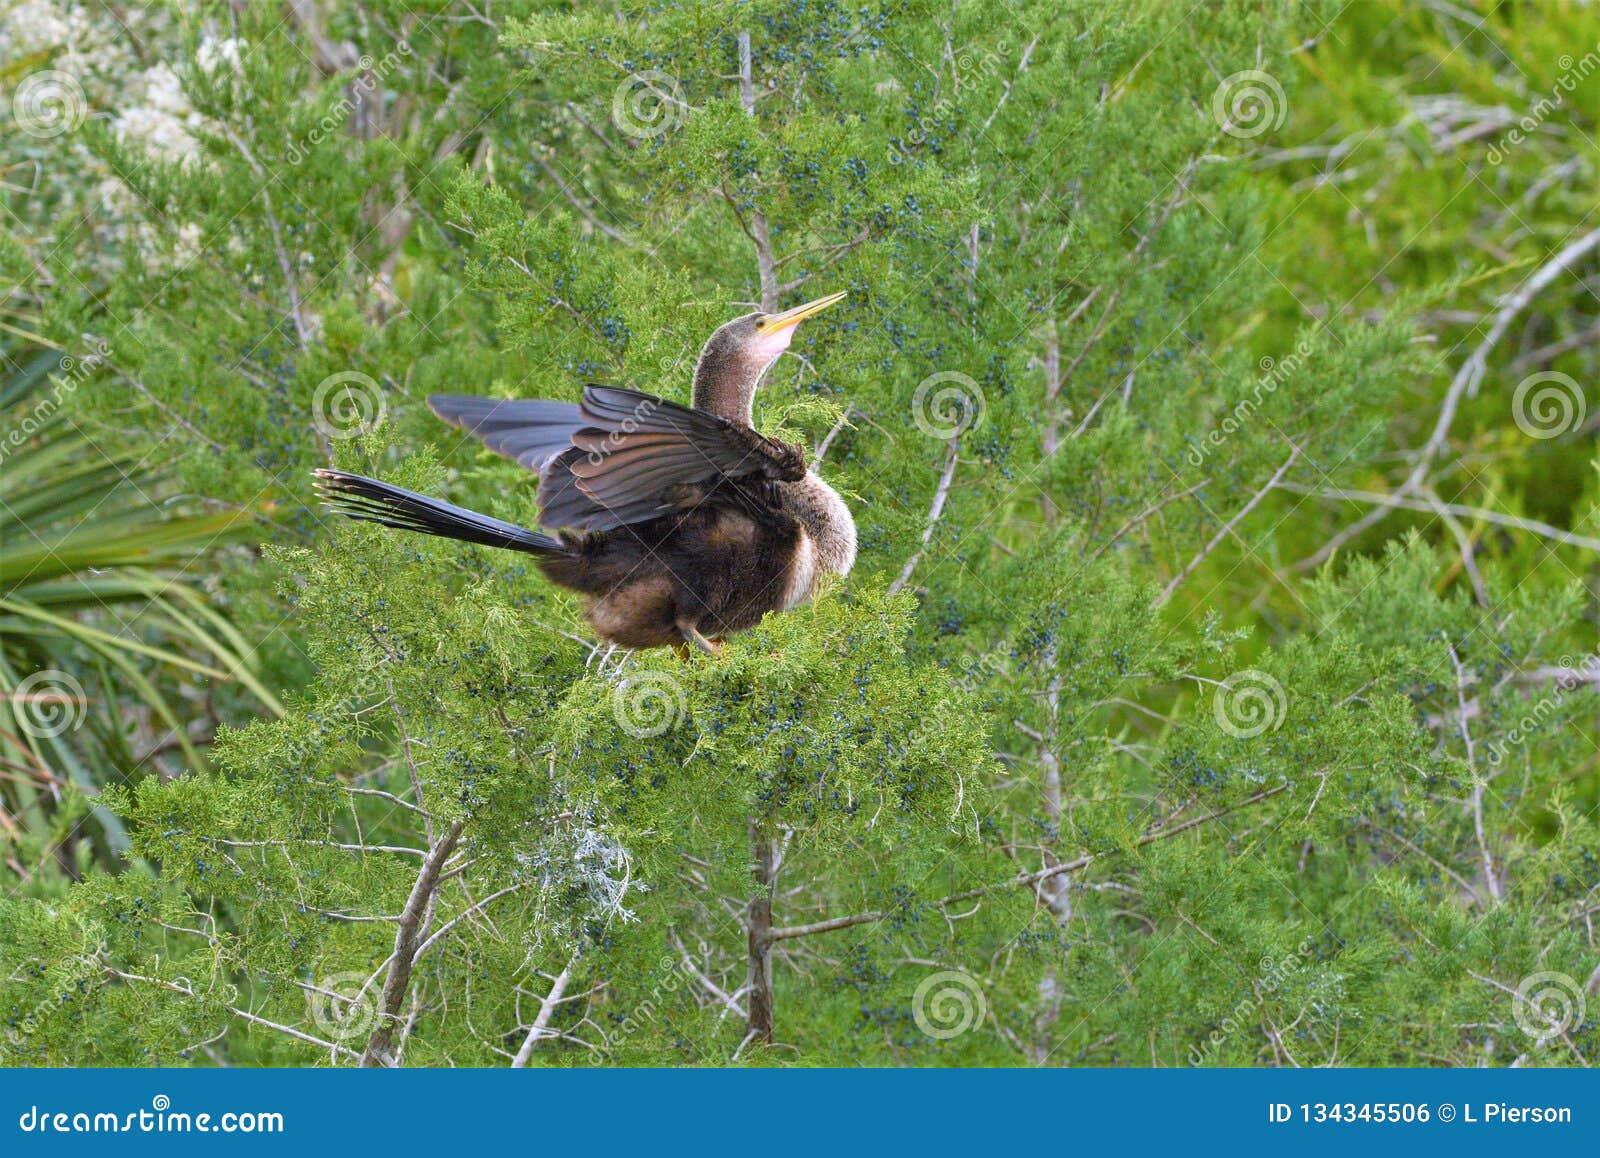 Το anhinga είναι πιστό στο συνεργάτη του διαμορφώνοντας έναν μονογαμικό δεσμό που μπορεί να διαρκέσει αρκετά έτη